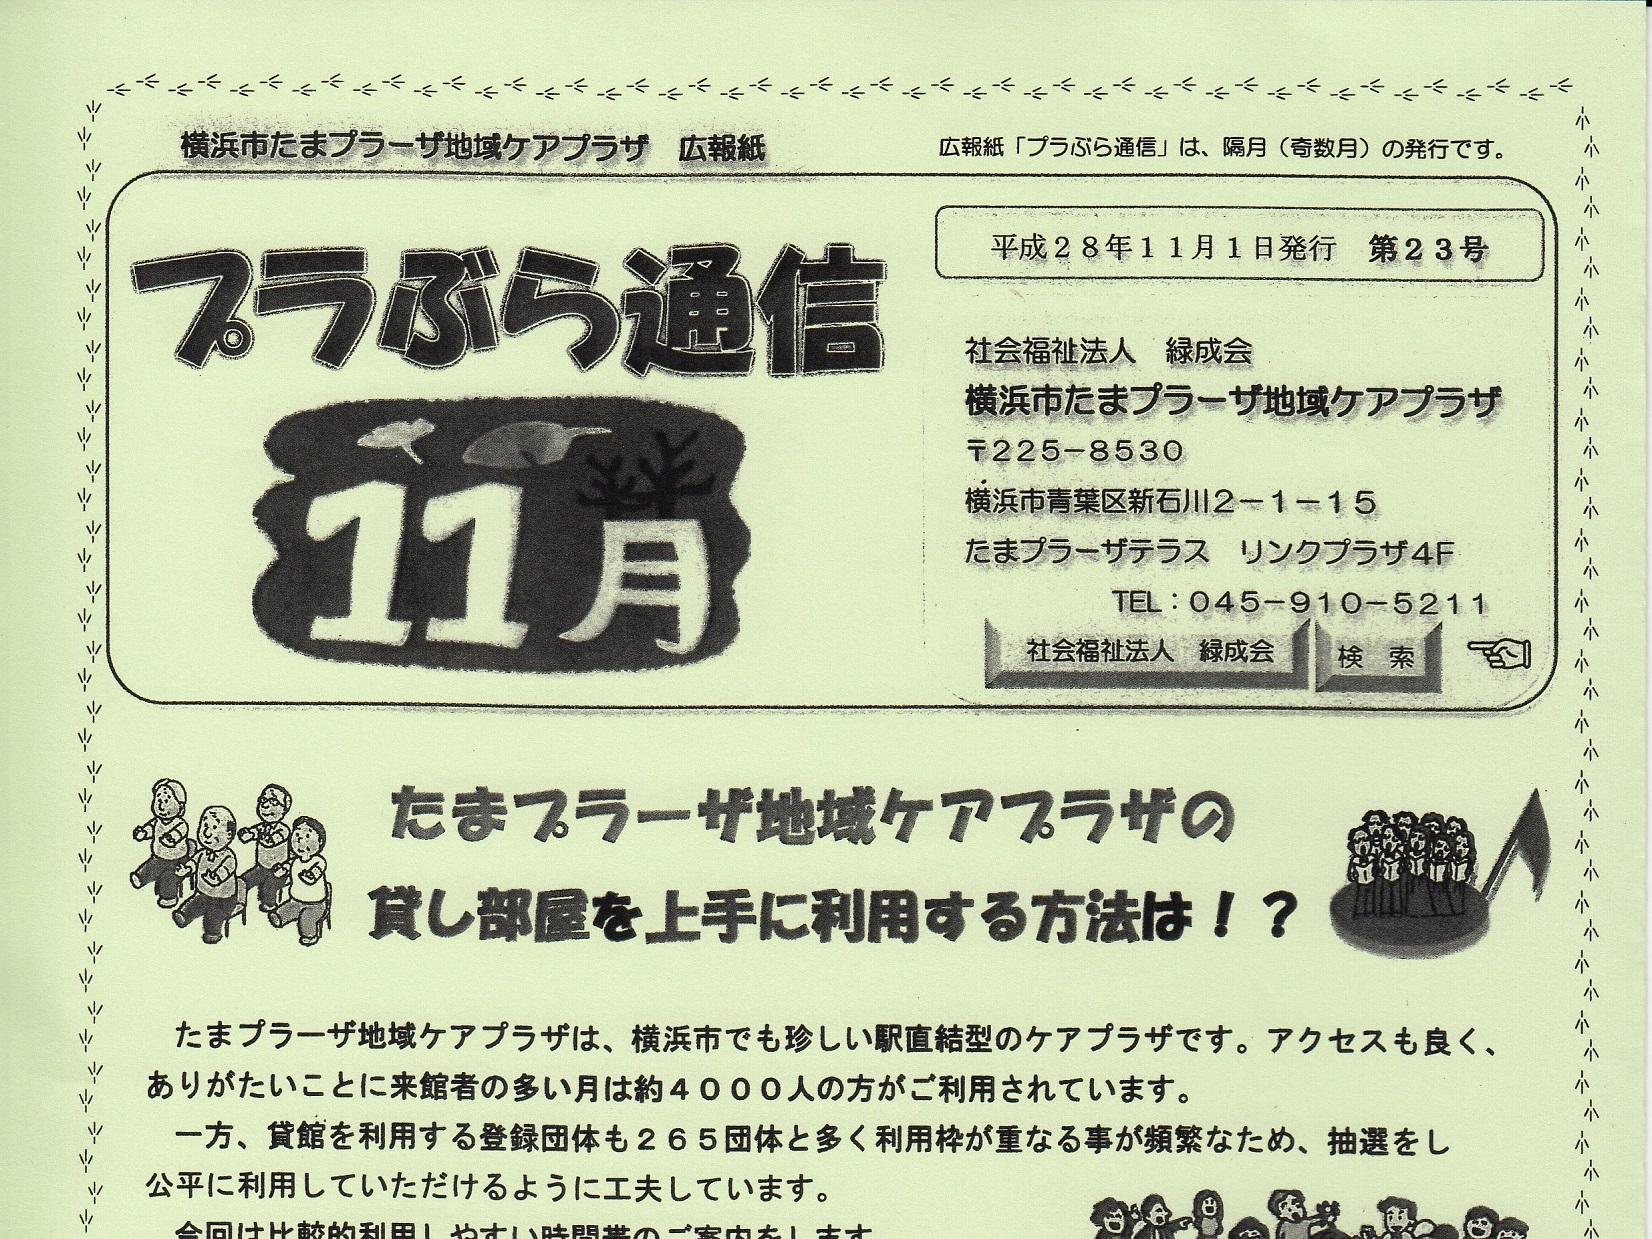 プラぶら通信第23号(横浜市たまプラーザ地域ケアプラザ)